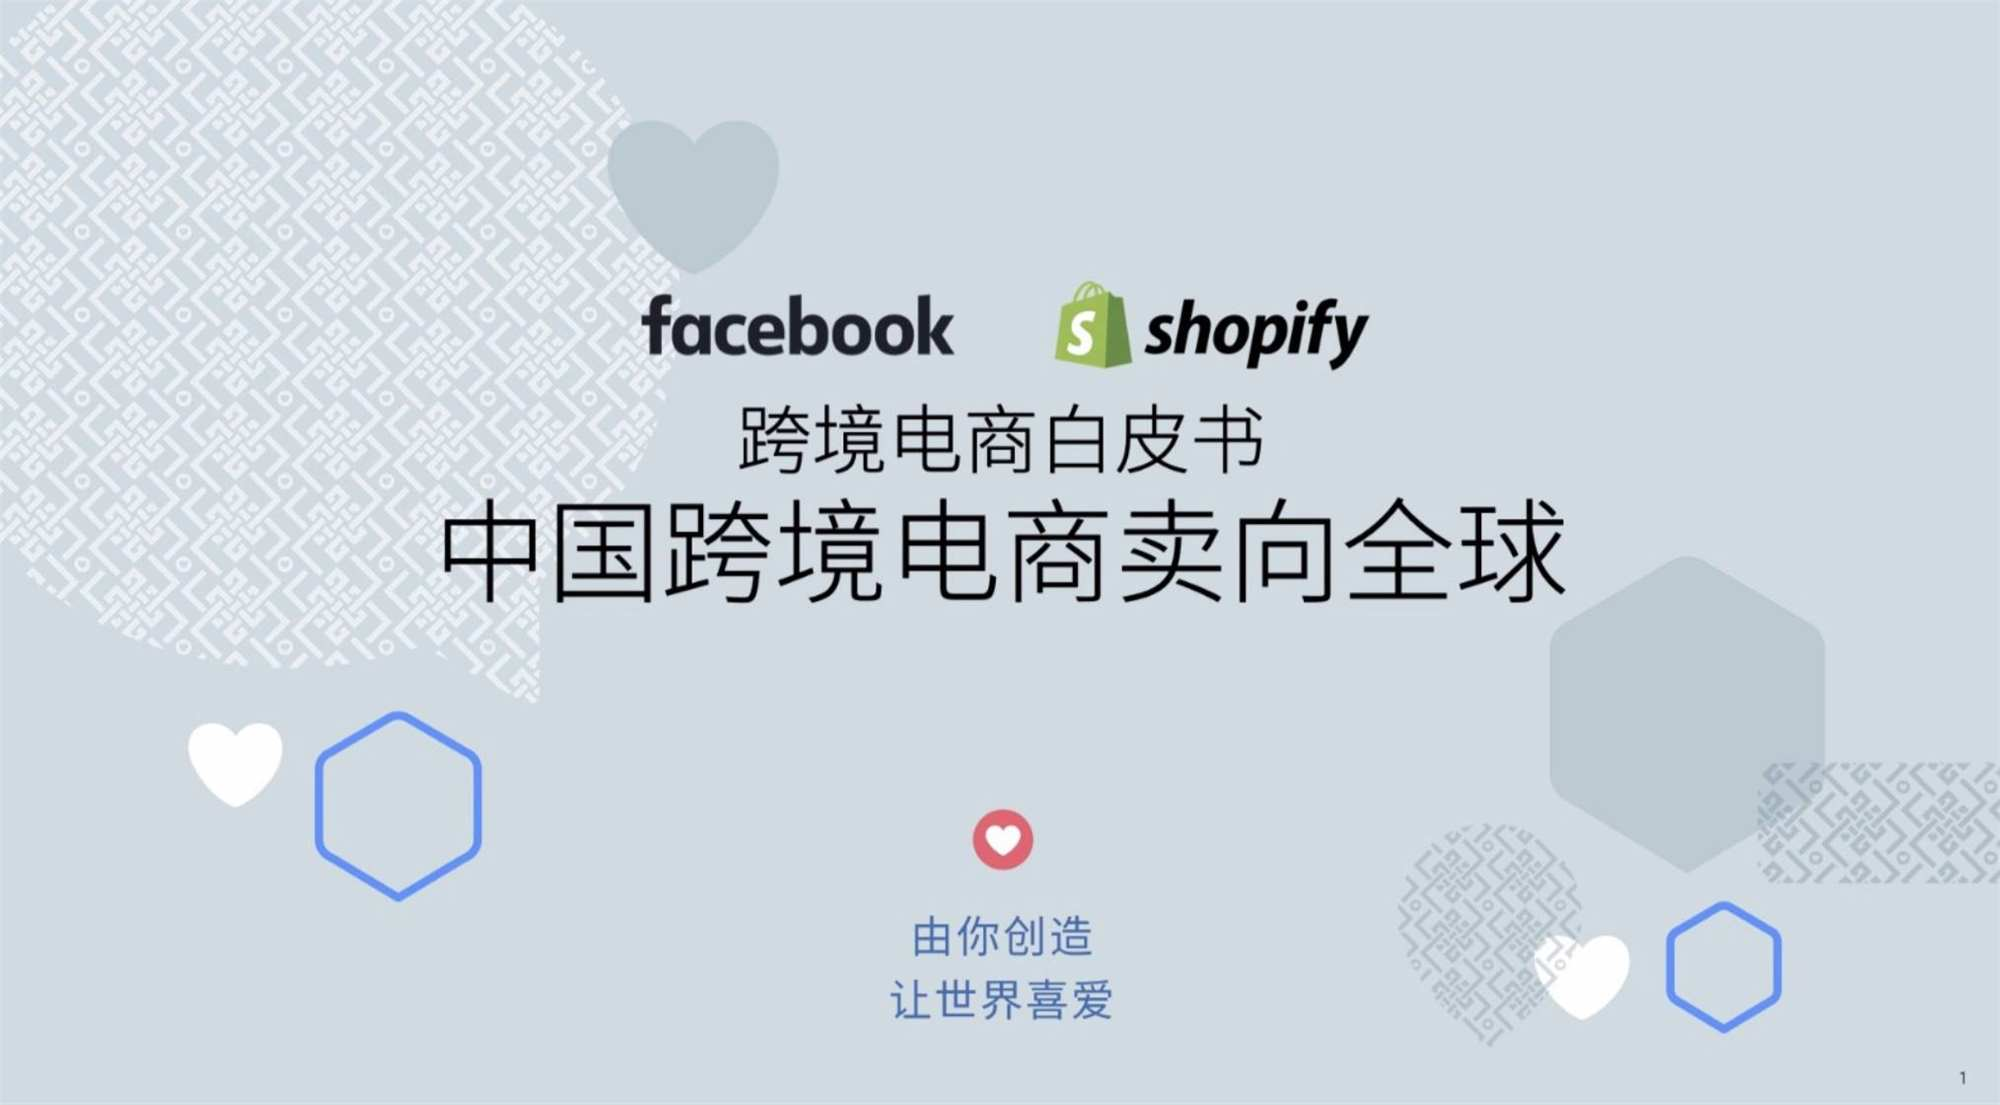 免费下载丨Facebook X Shopify跨境电商白皮书 !